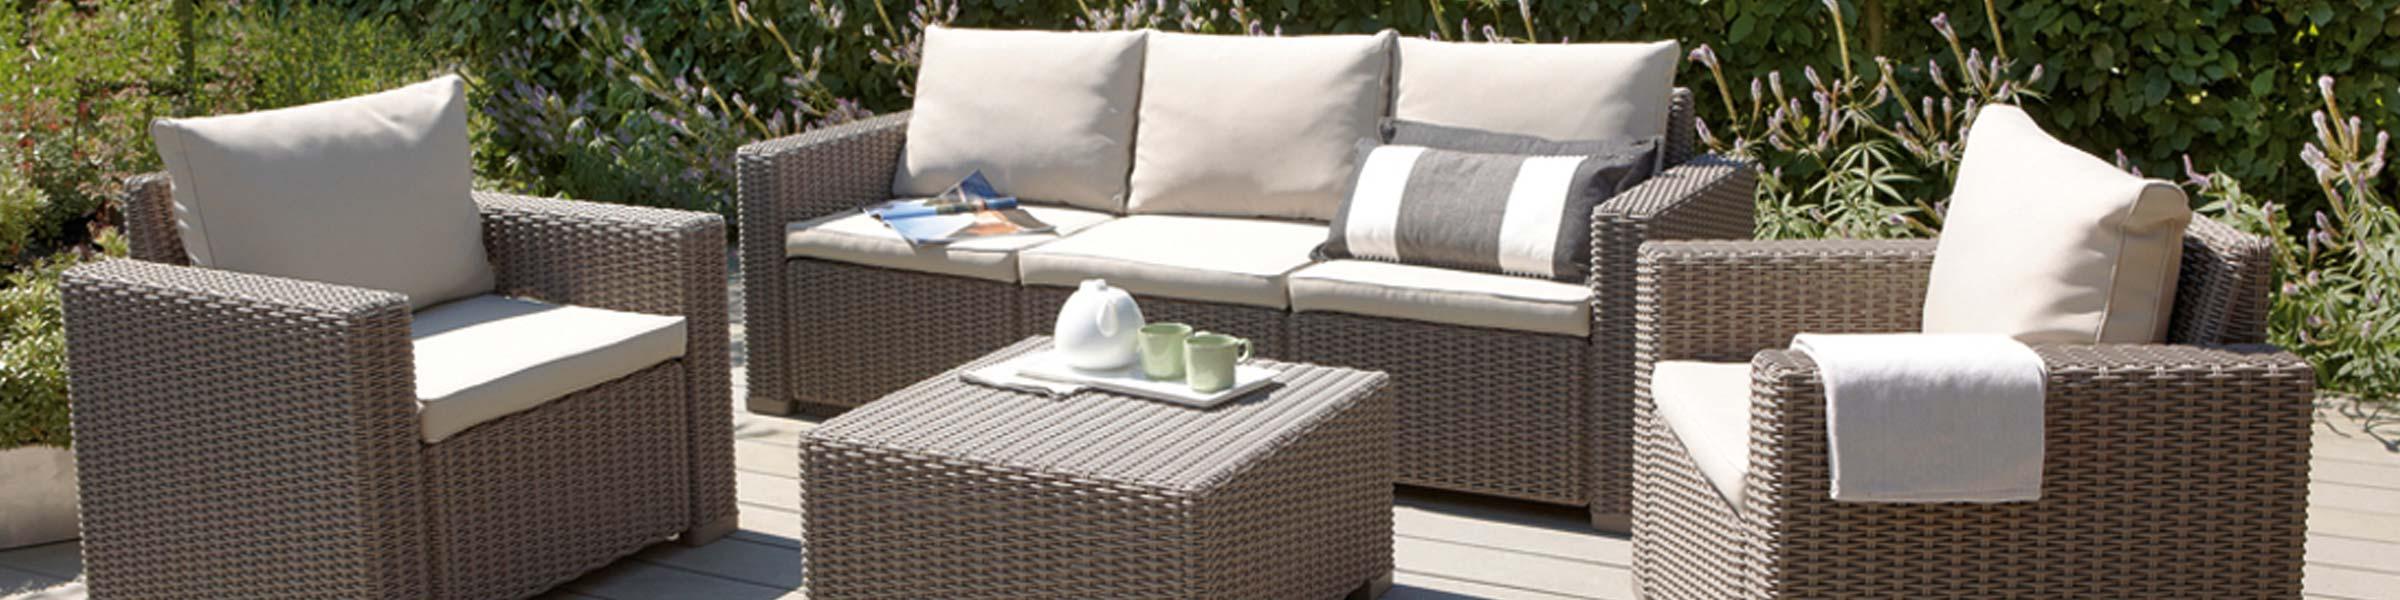 Best Freizeitmöbel Online kaufen – Draußen relaxen   Dehner